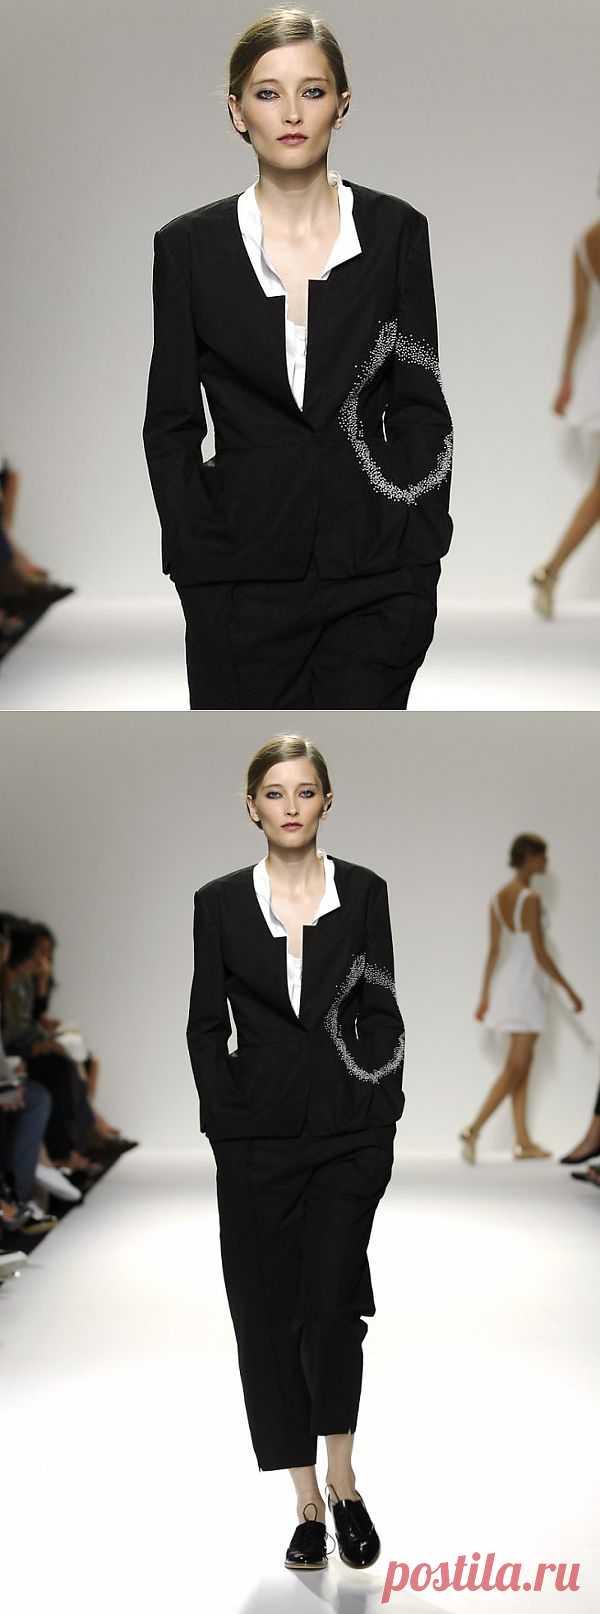 Декор жакета бисером / Декор / Модный сайт о стильной переделке одежды и интерьера